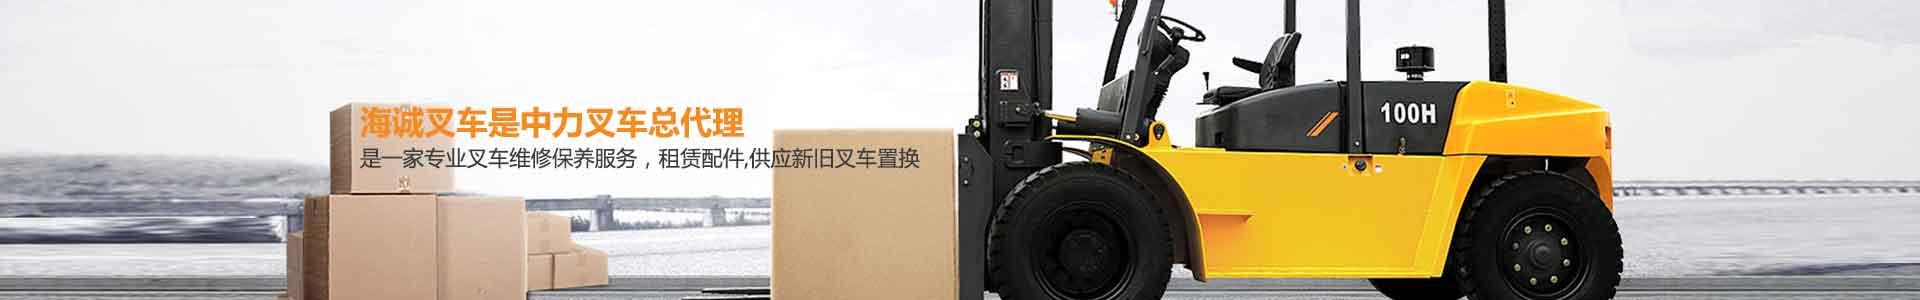 宁波中力叉车